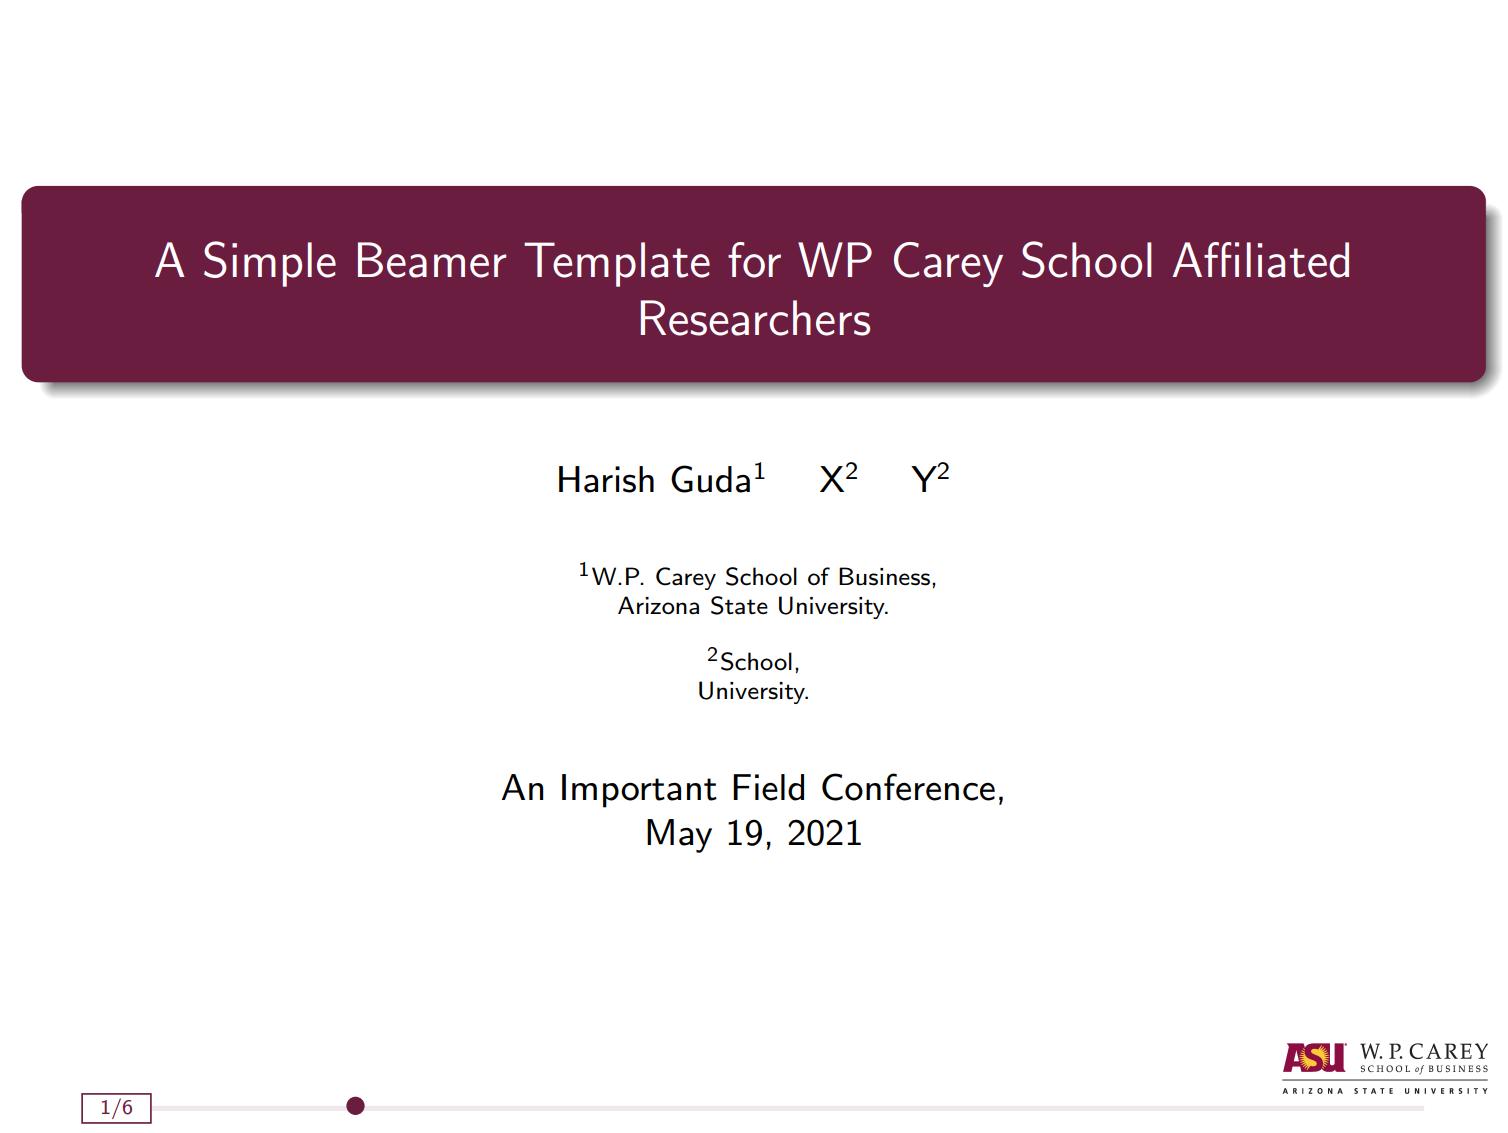 WP凯里商学院  beamer 主题样式